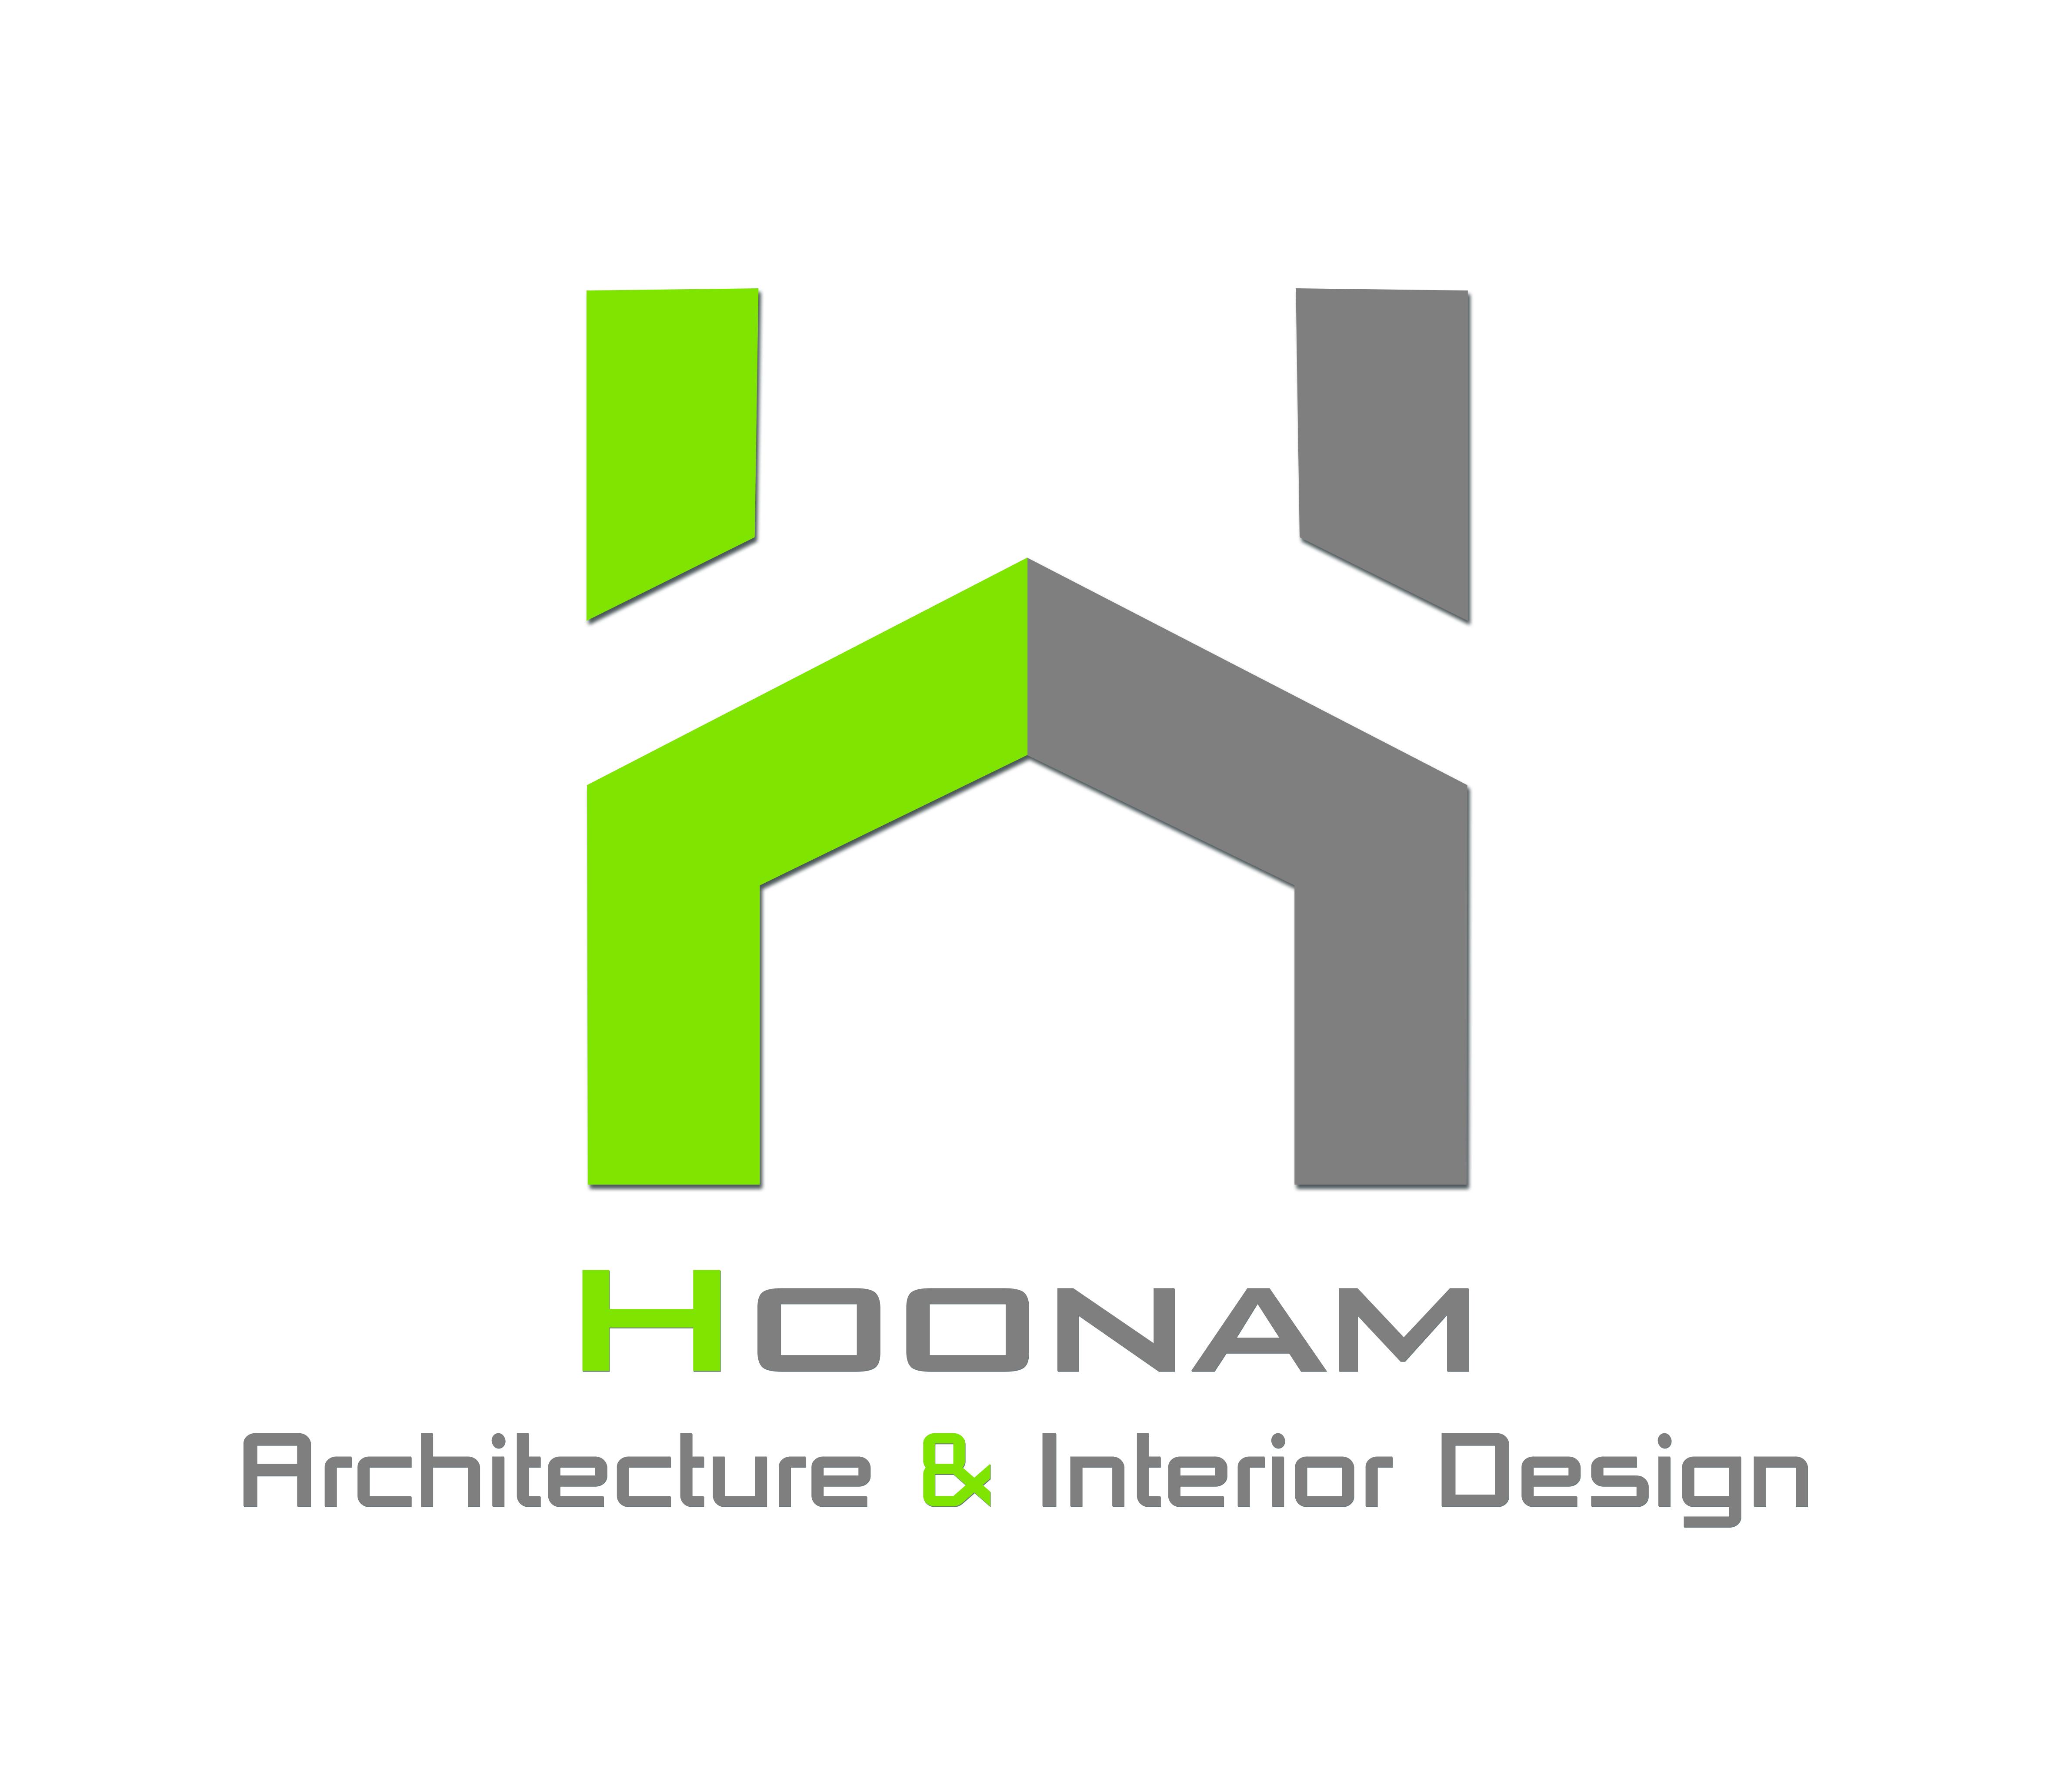 -معماری-و-دکوراسیون-داخلی-هونام